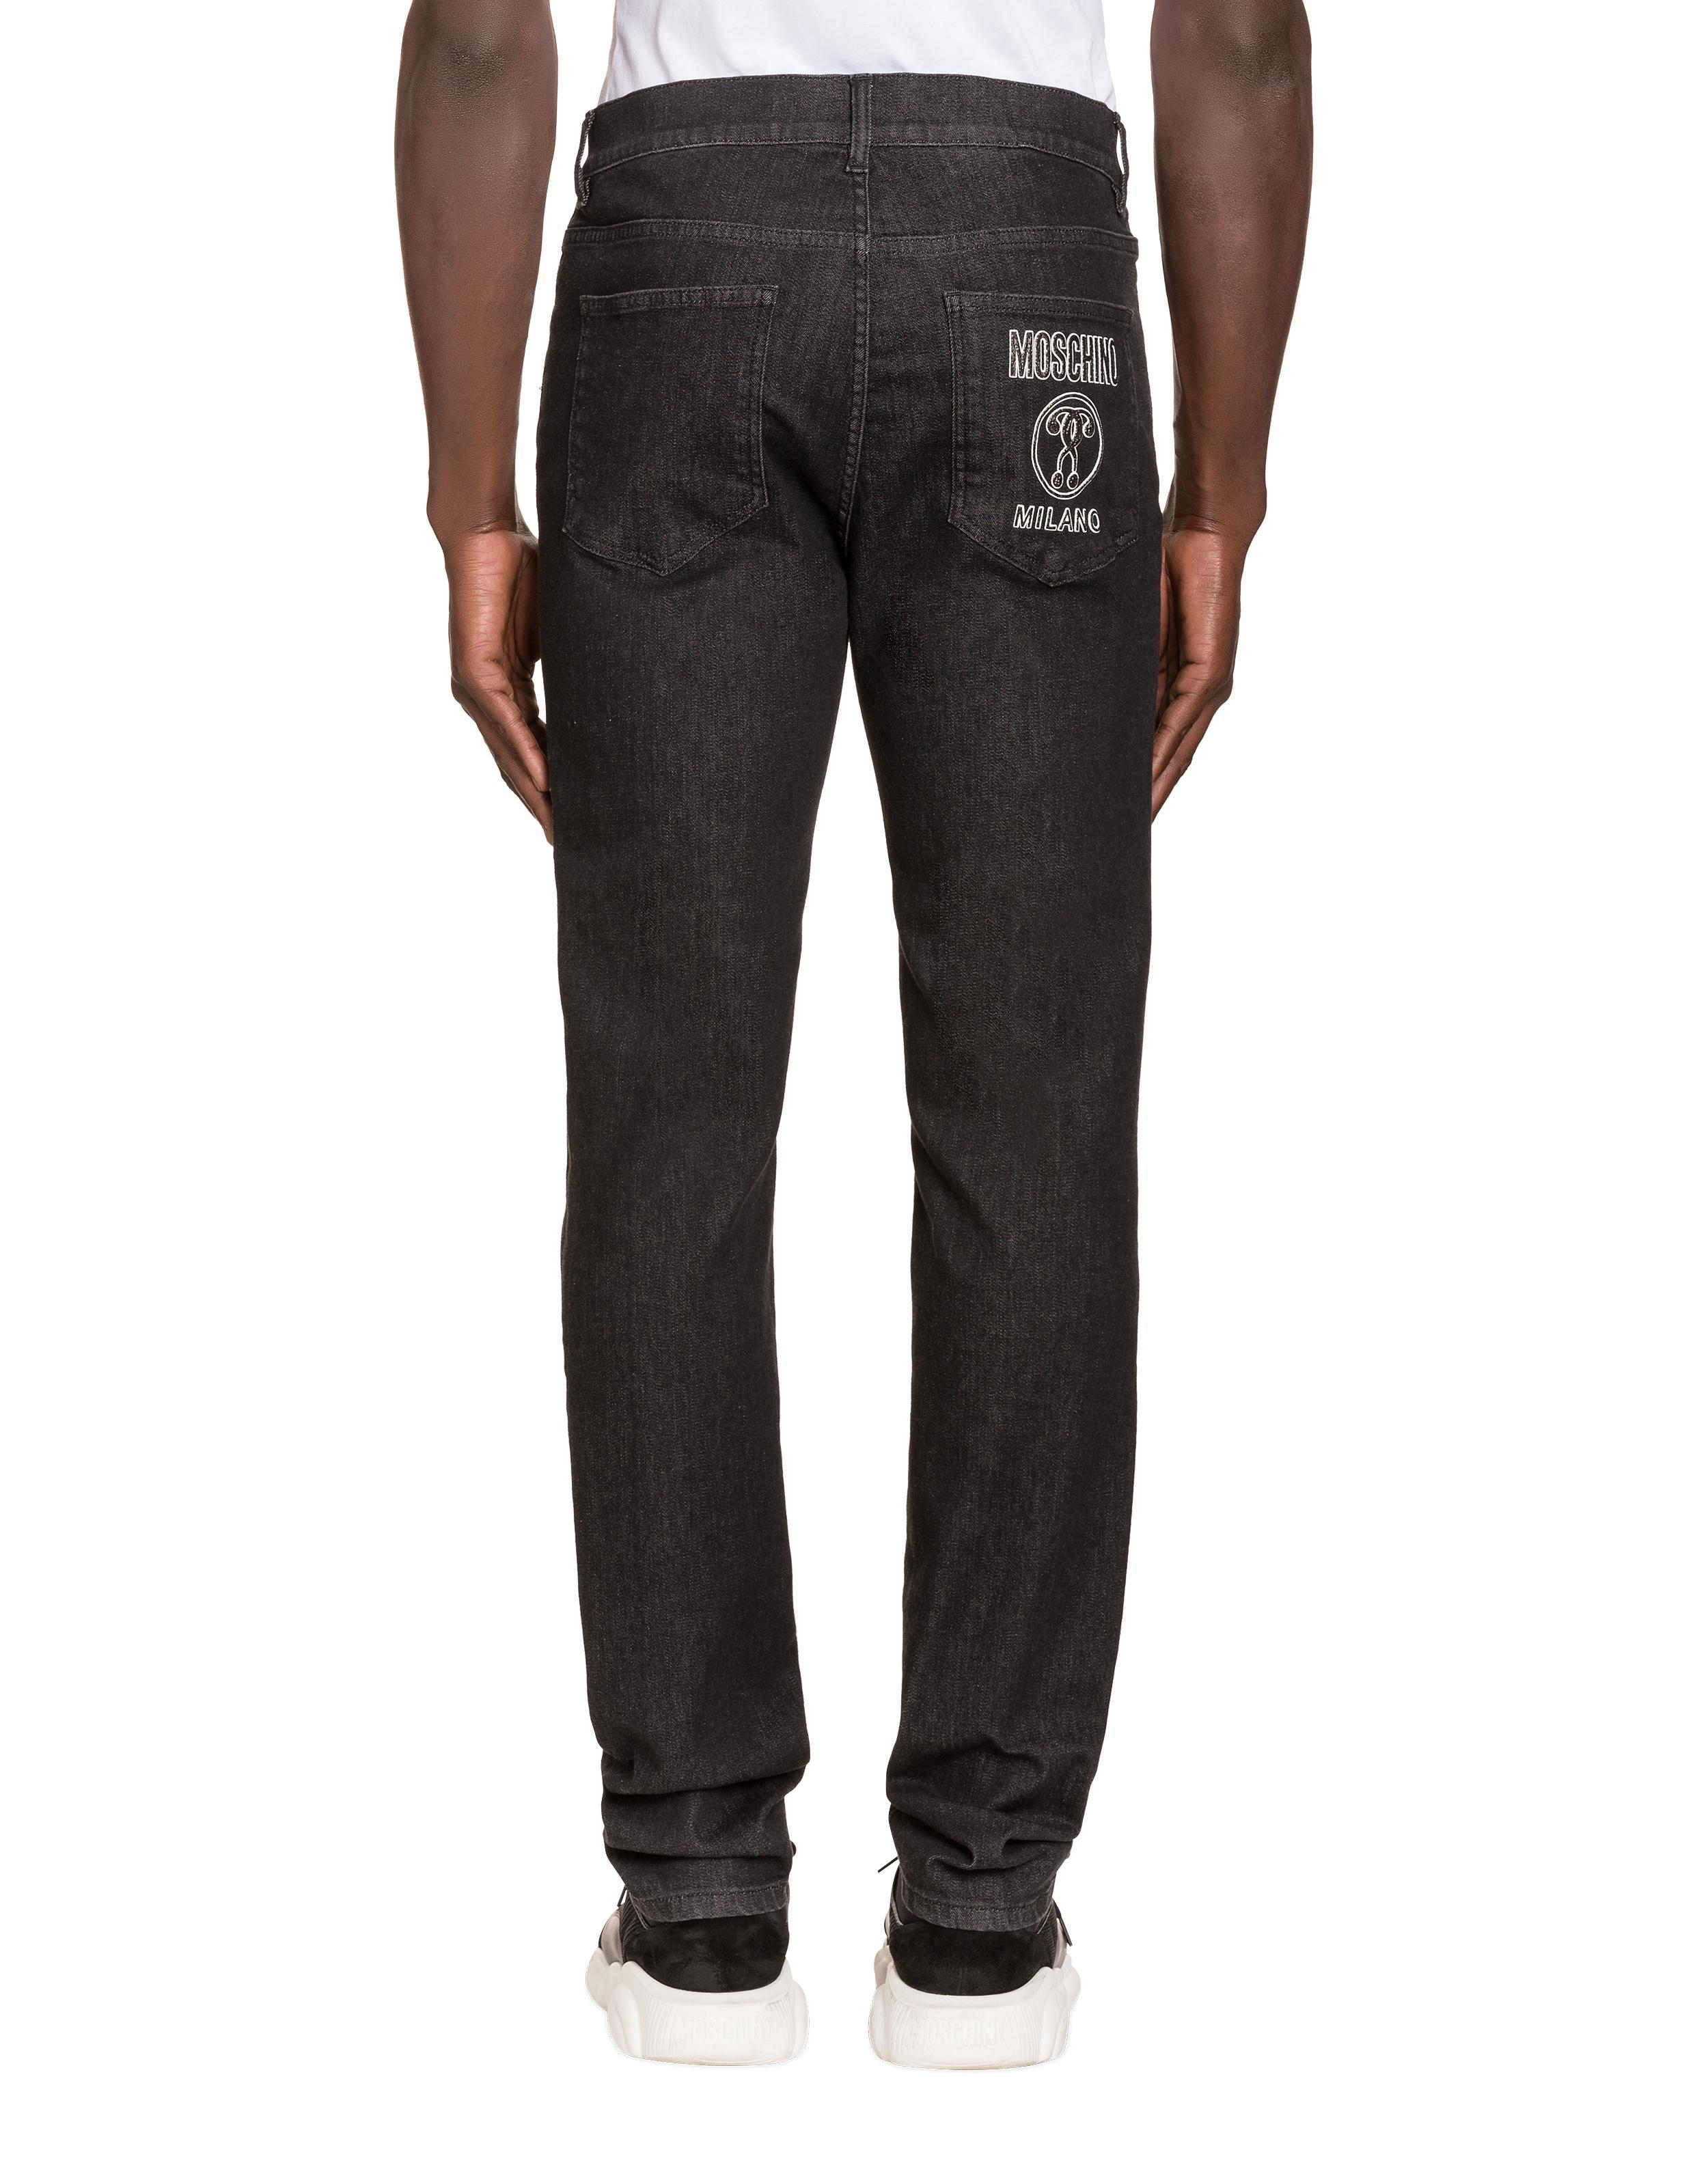 Pantalon En Denim Avec Double Question Mark Moschino pour homme en coloris Noir